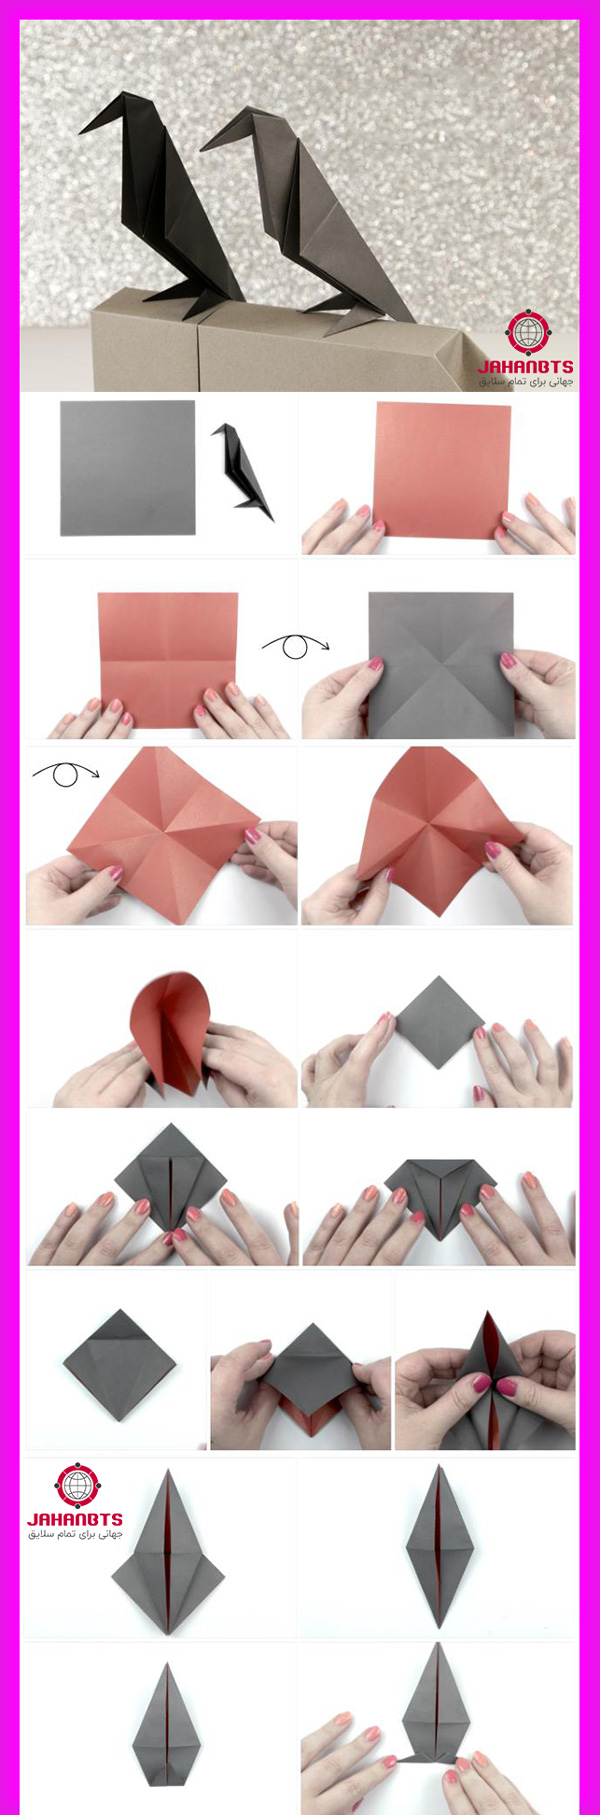 آموزش ساخت اوریگامی حیوانات - کاردستی جالب و سرگرم کننده با هنر کاغذ و تا